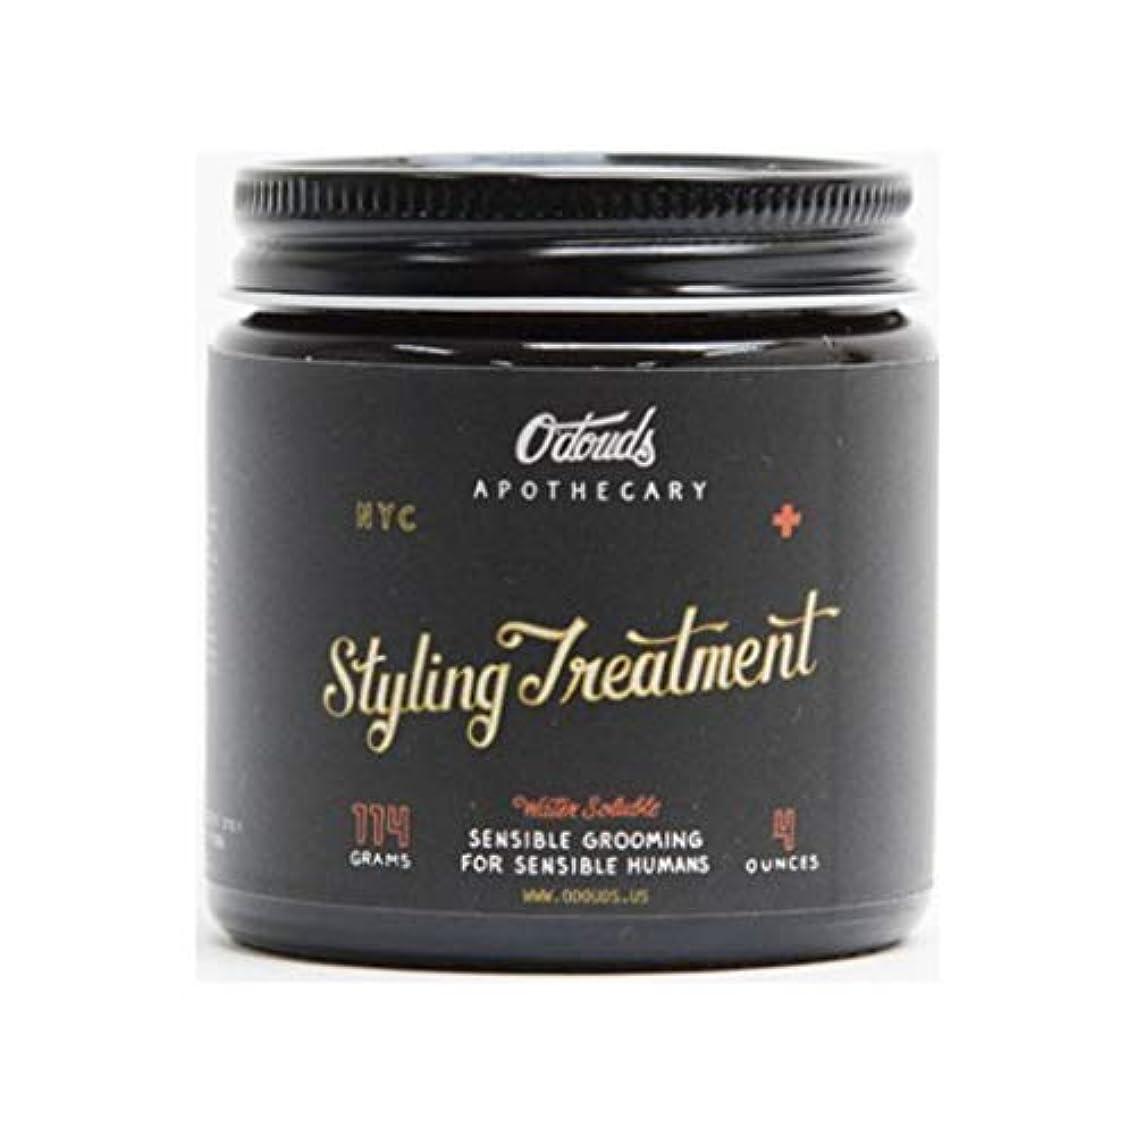 髄粘り強い近似O'Douds (オダウズ) スタイリングトリートメント STYLING TREATMENT メンズ 整髪料 水性 ポマード ヘアクリーム ヘアオイル ヘアグリース ヘアワックス ナチュラルシャイン ライトホールド ヴィーガン